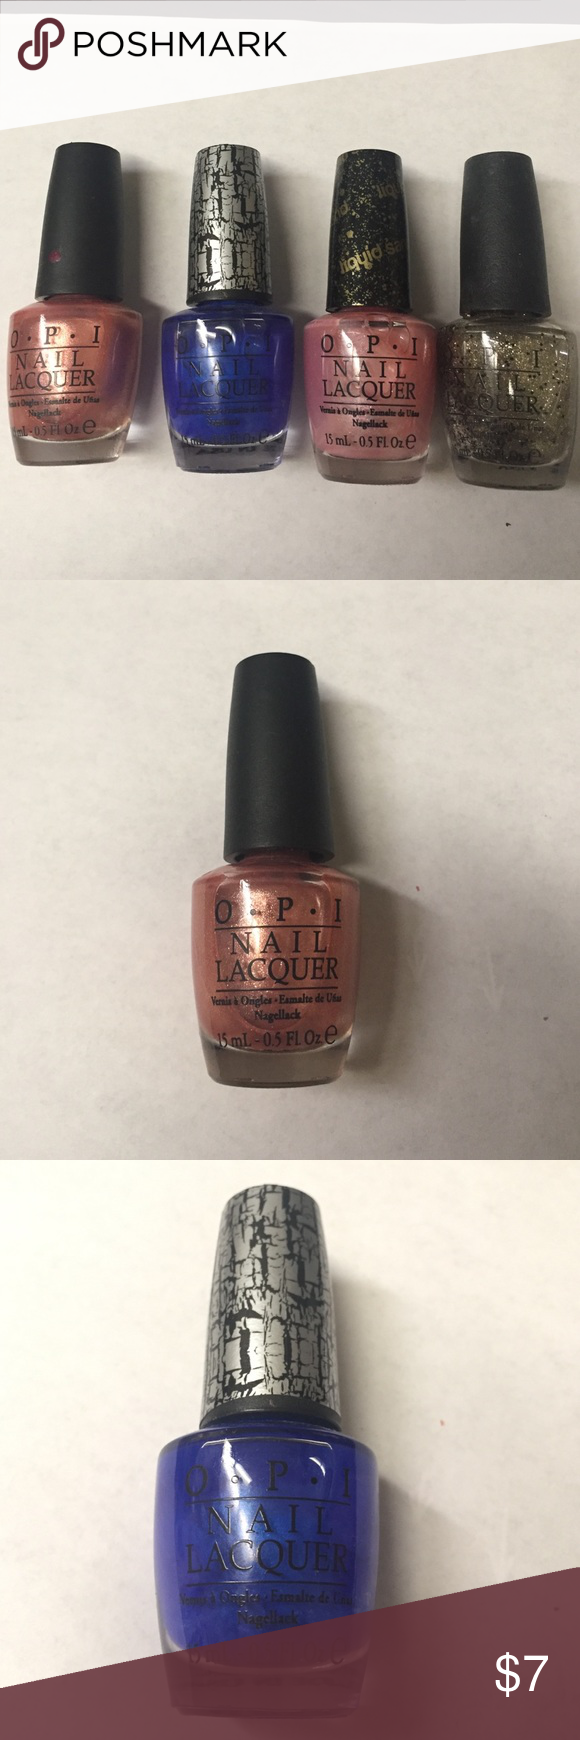 OPI NAIL POLISHES brand new | Nail polish brands, Opi nails and OPI